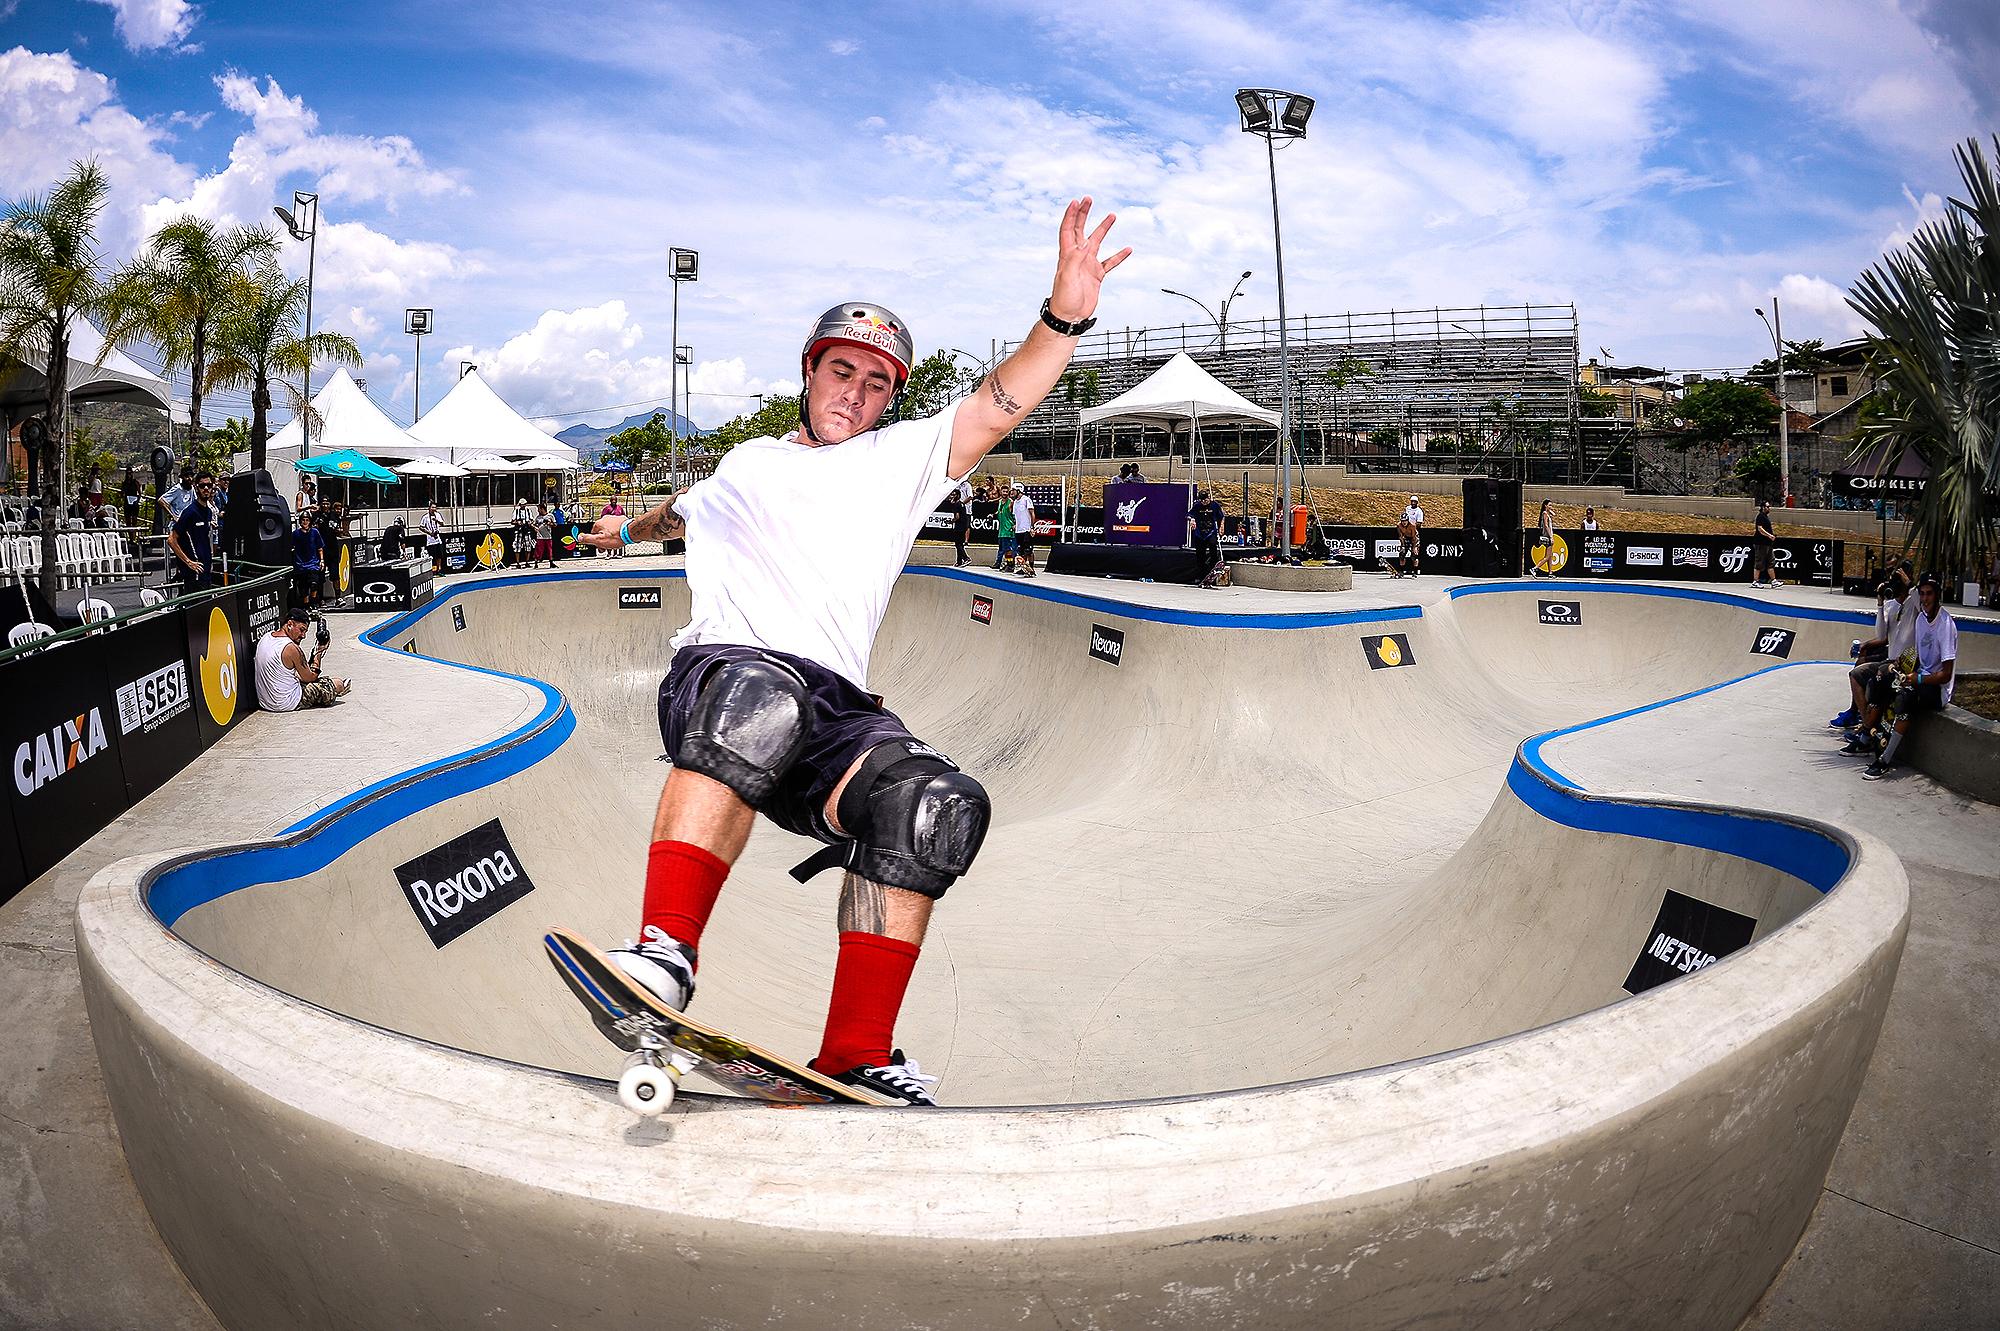 Raimundos faz versão de samba clássico para Mundial de Skate Bowl - Globo.com